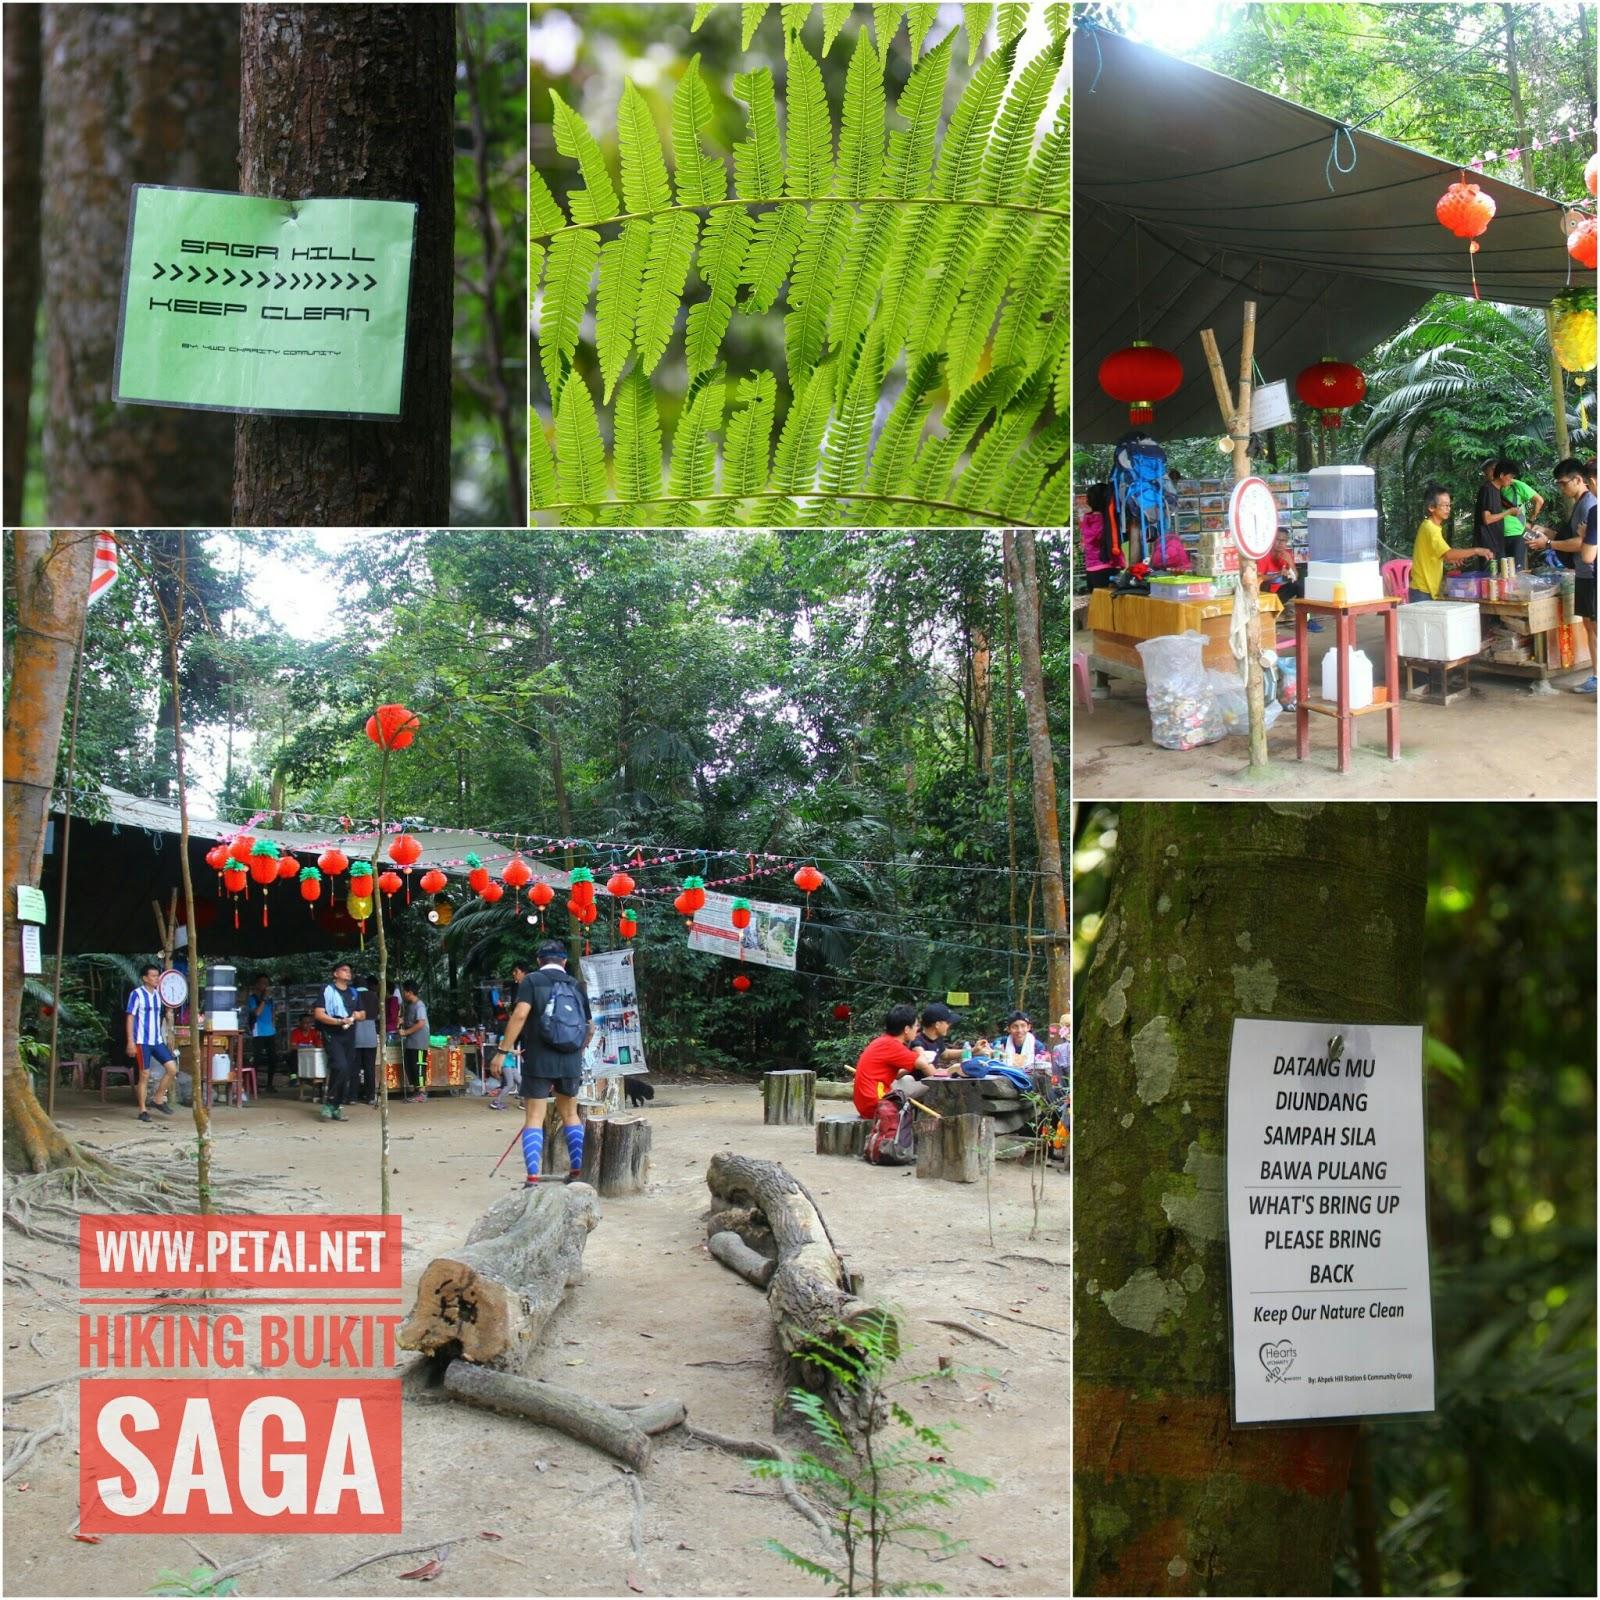 R&R Bukit Saga